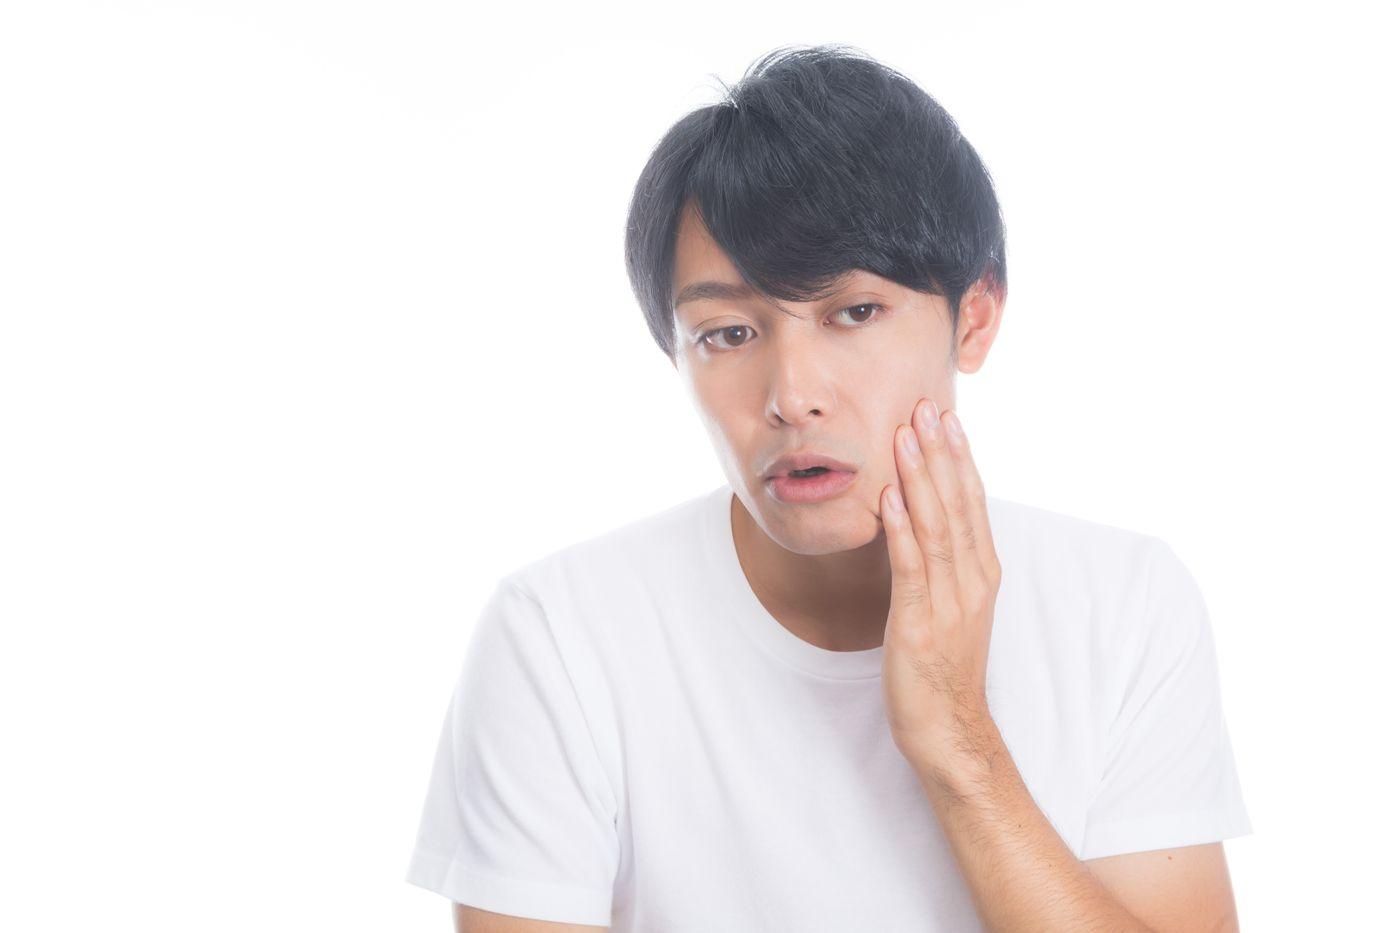 頬の肌荒れを気にする男性の写真